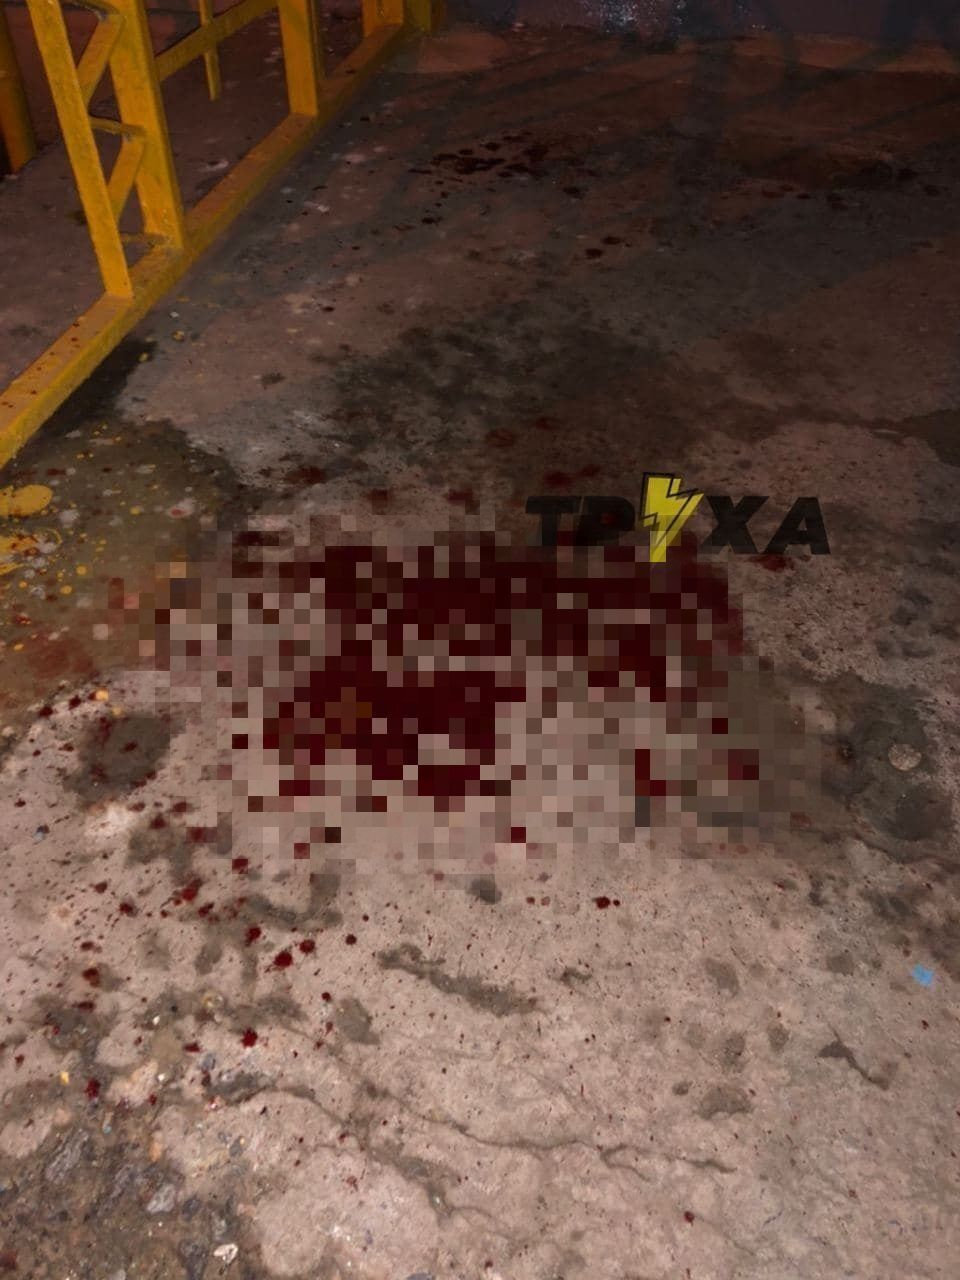 Місце події залило кров'ю.